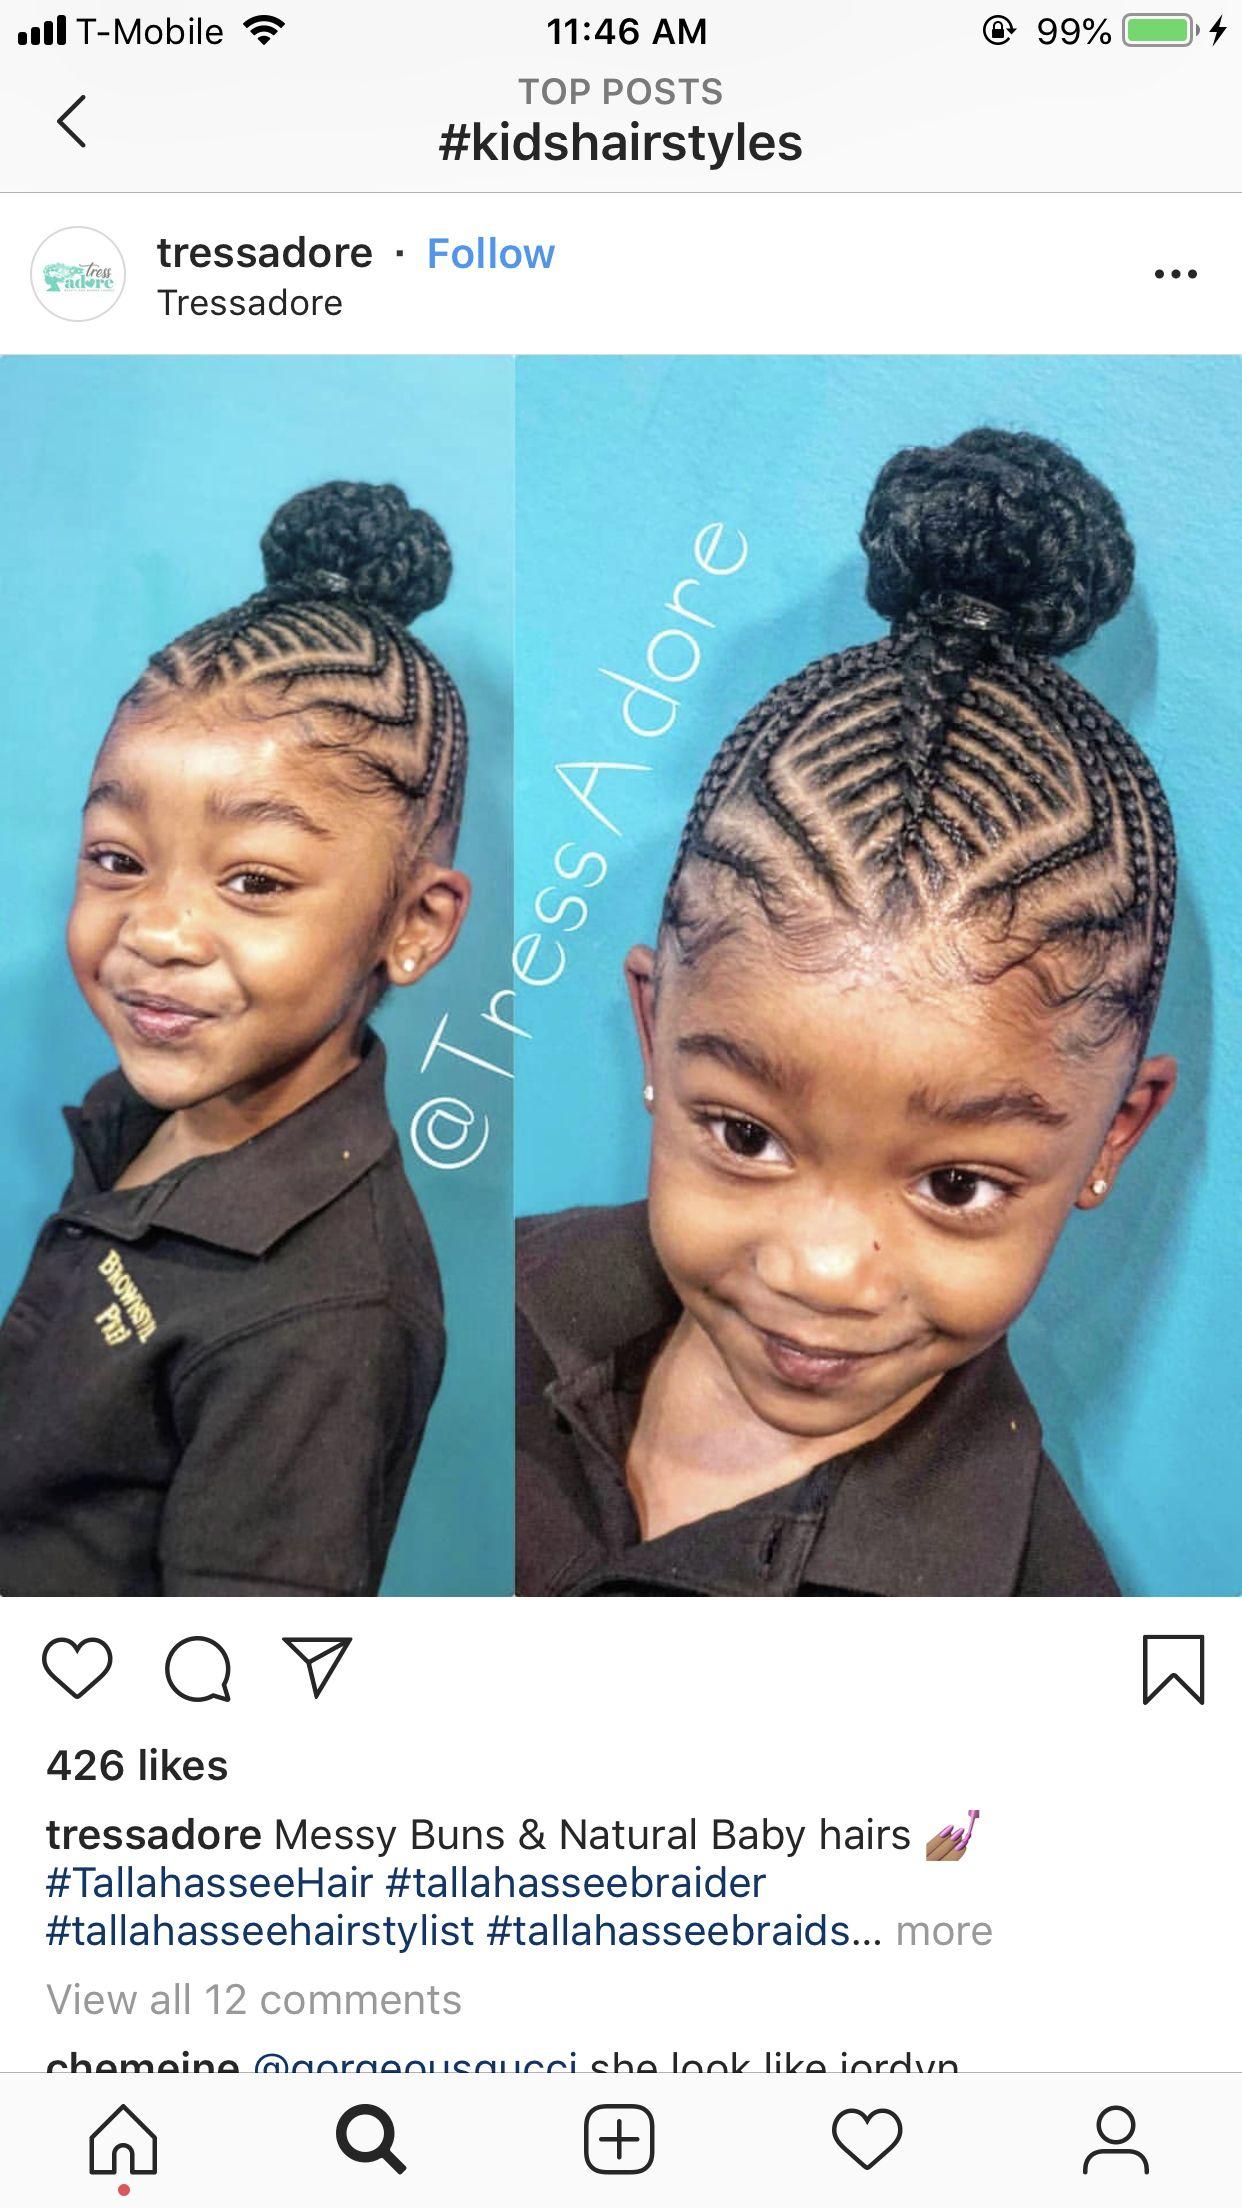 Braid Style For Kids Black Kids Hairstyles Kid Braid Styles